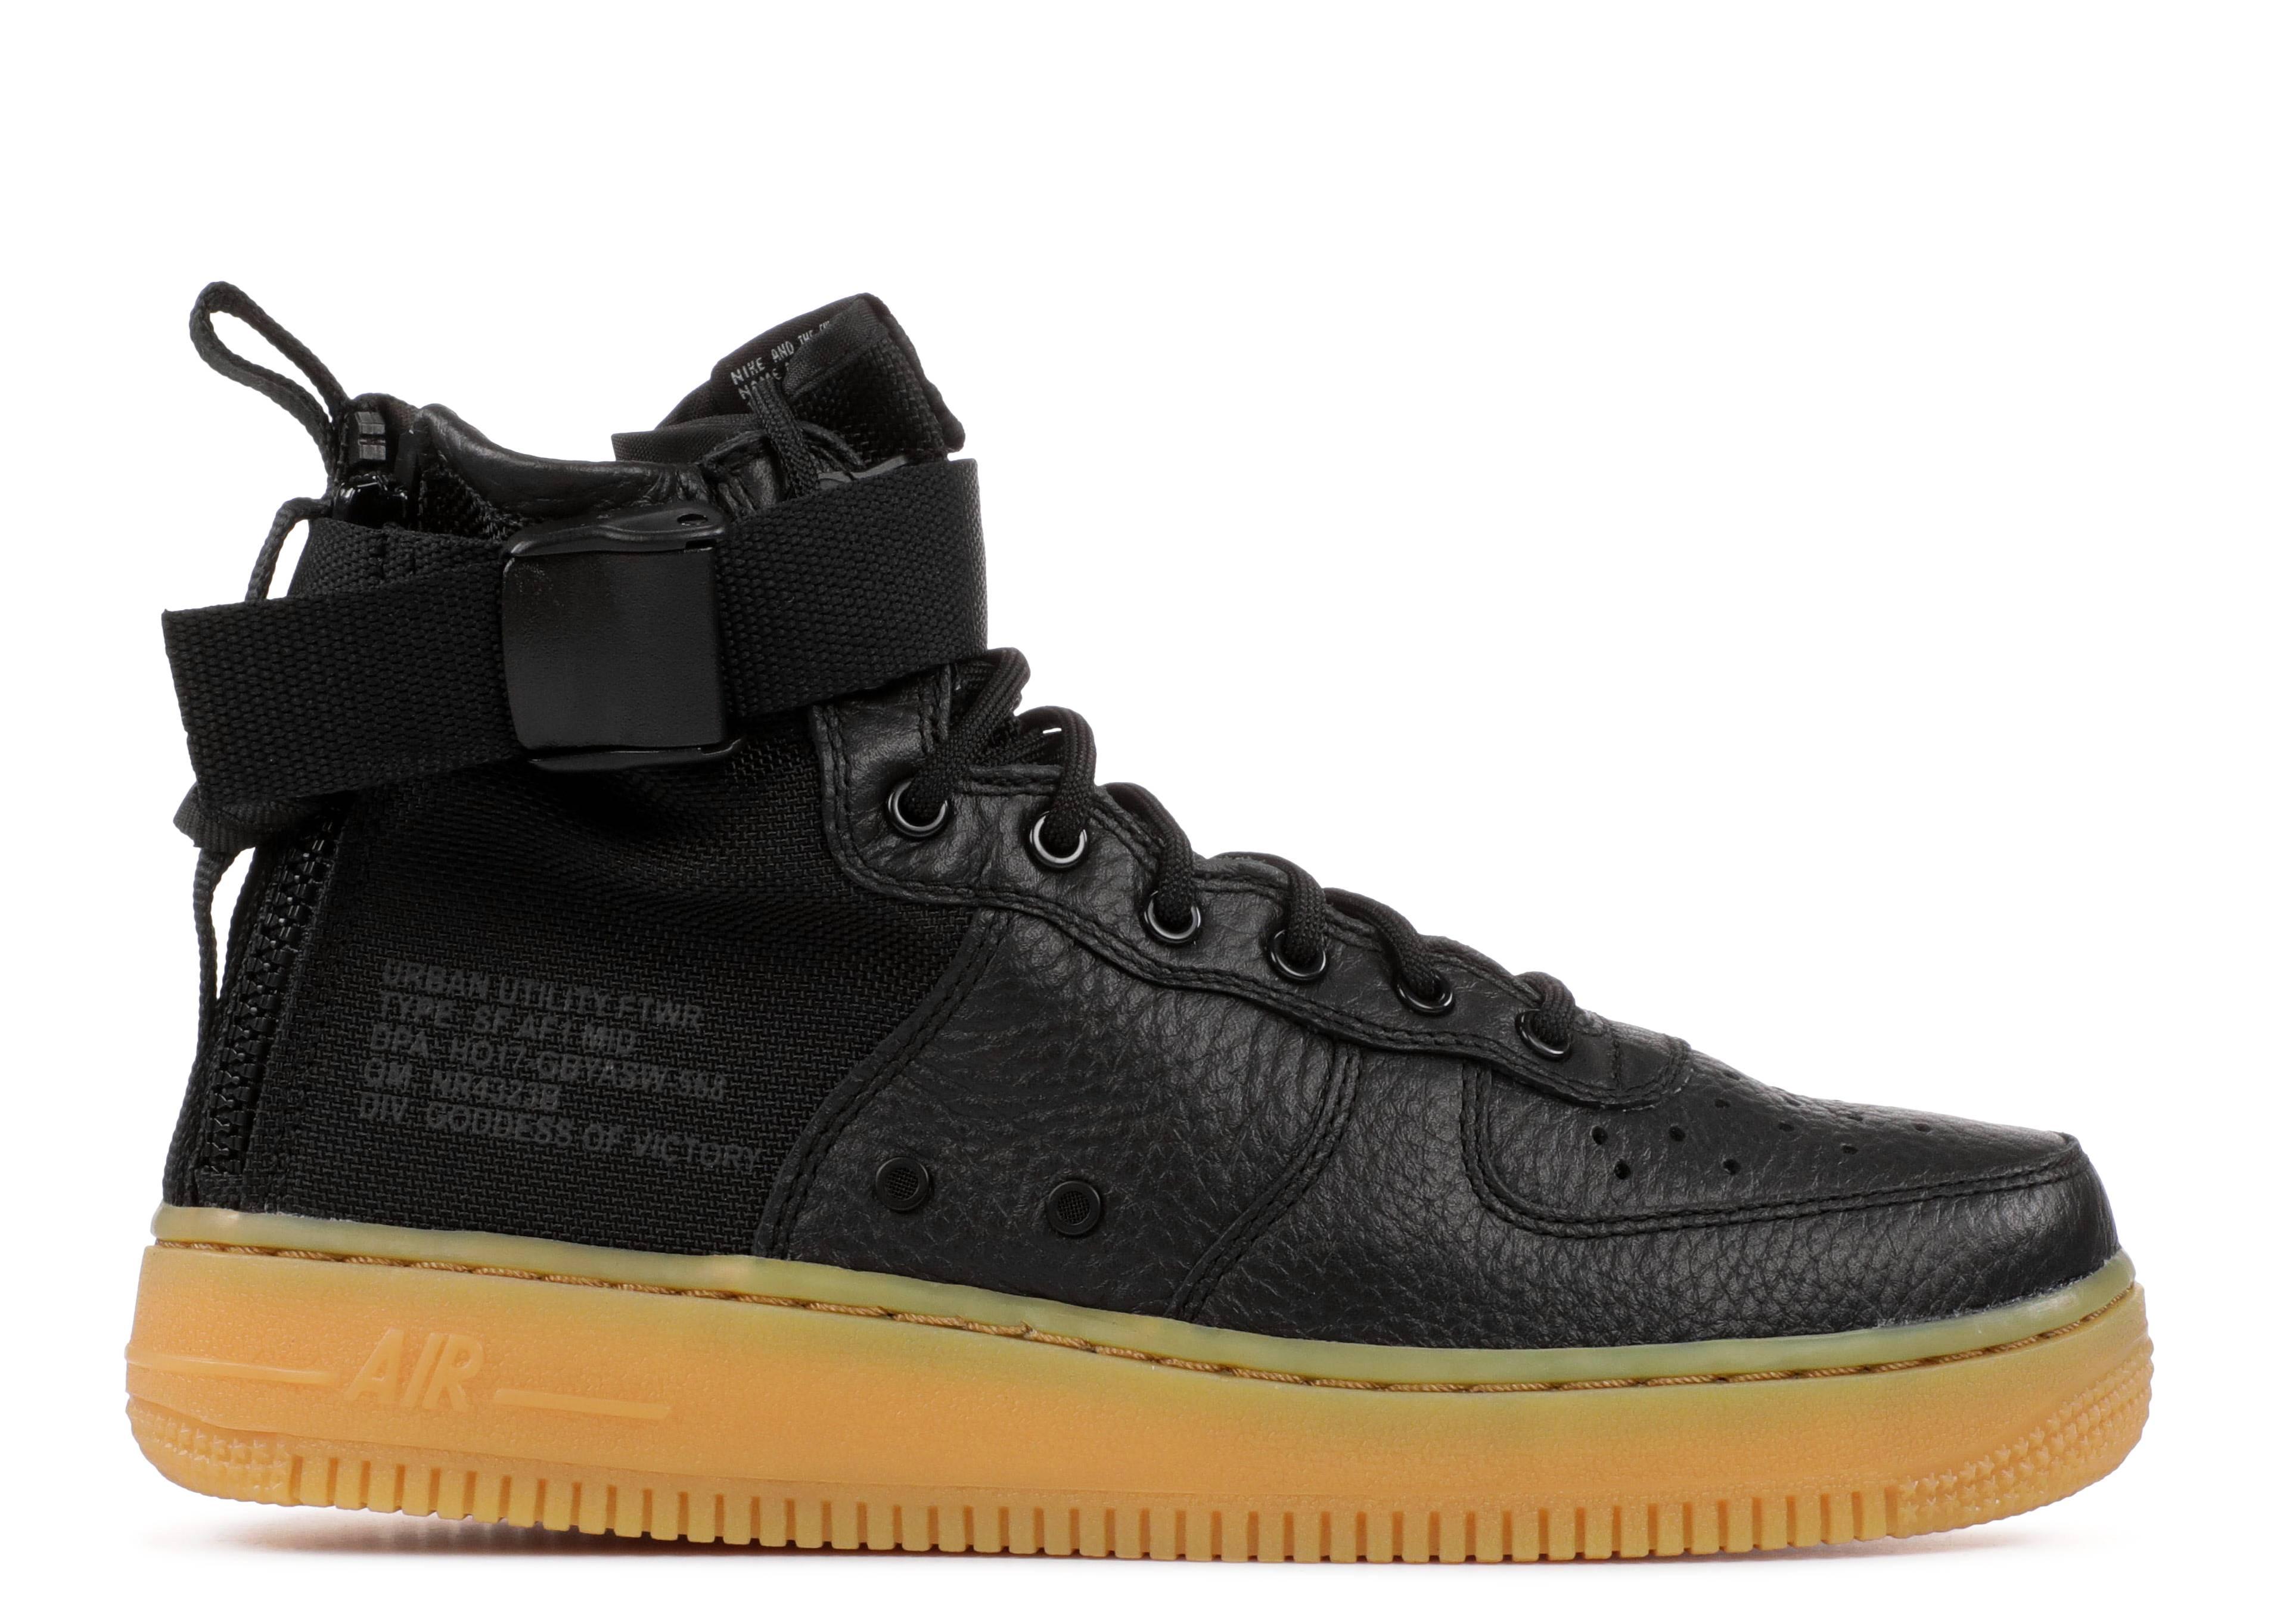 Nike Af Light Up Shoes